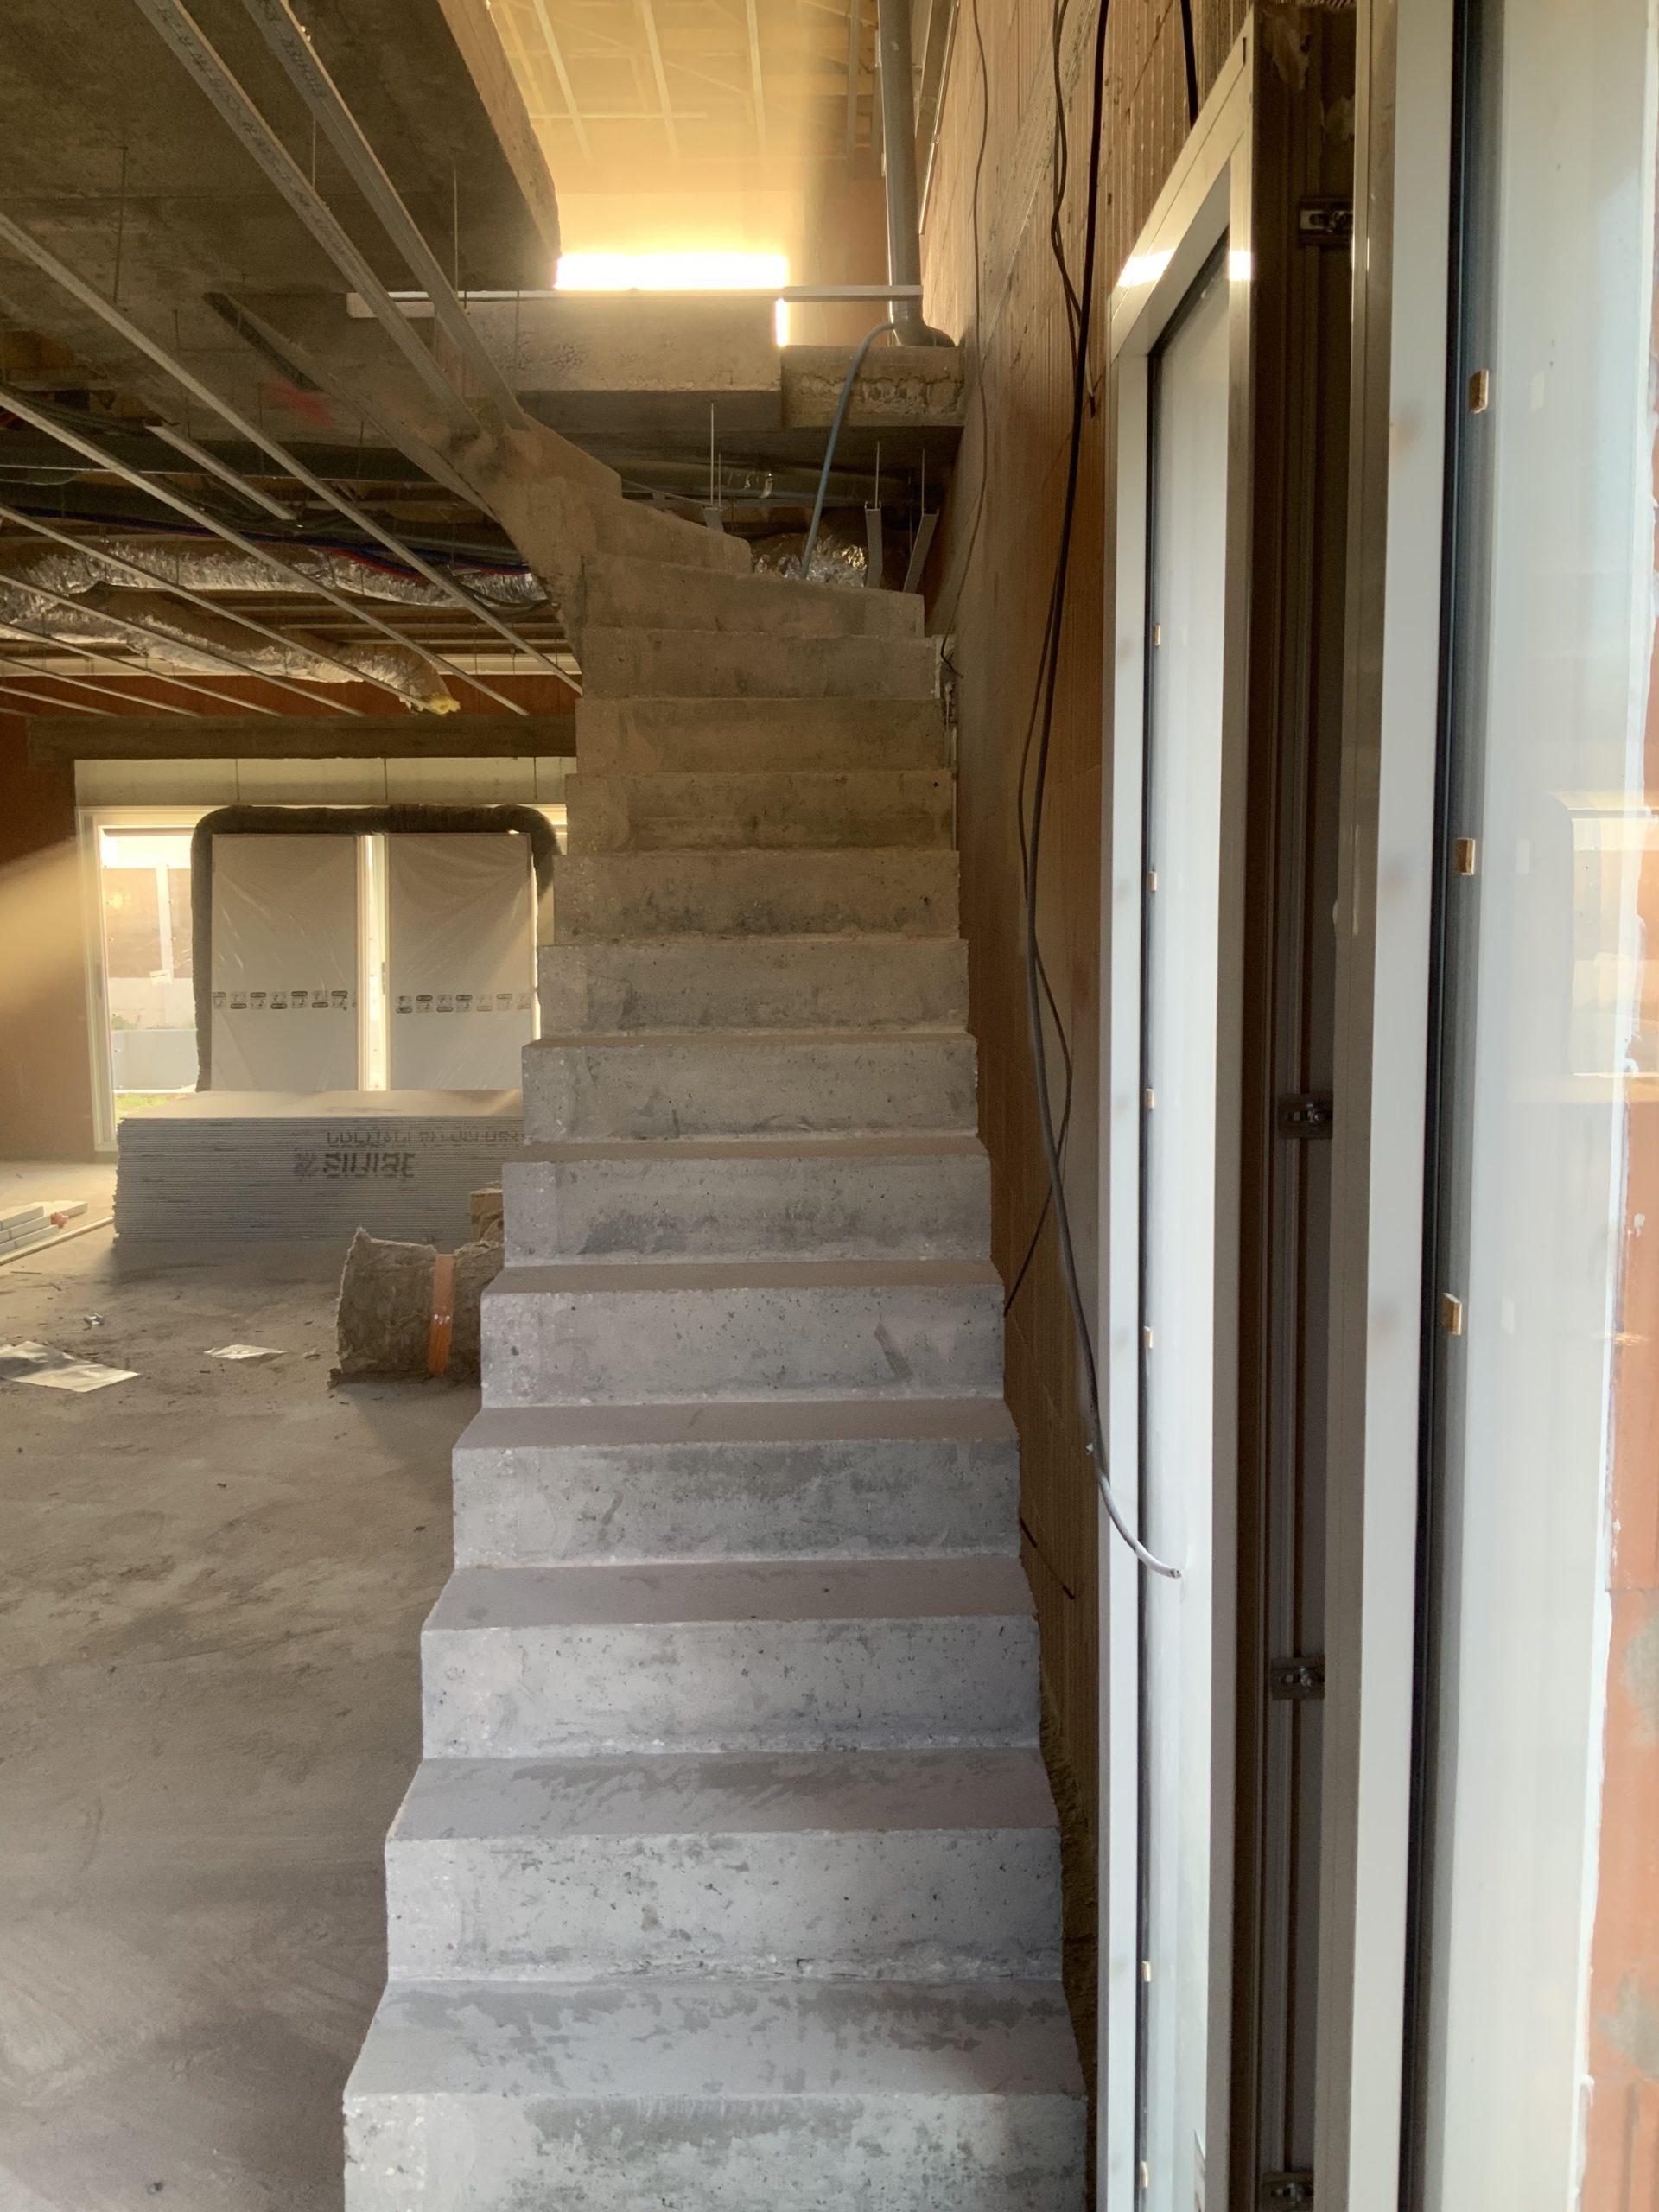 escalier dans une maison individuelle en construction